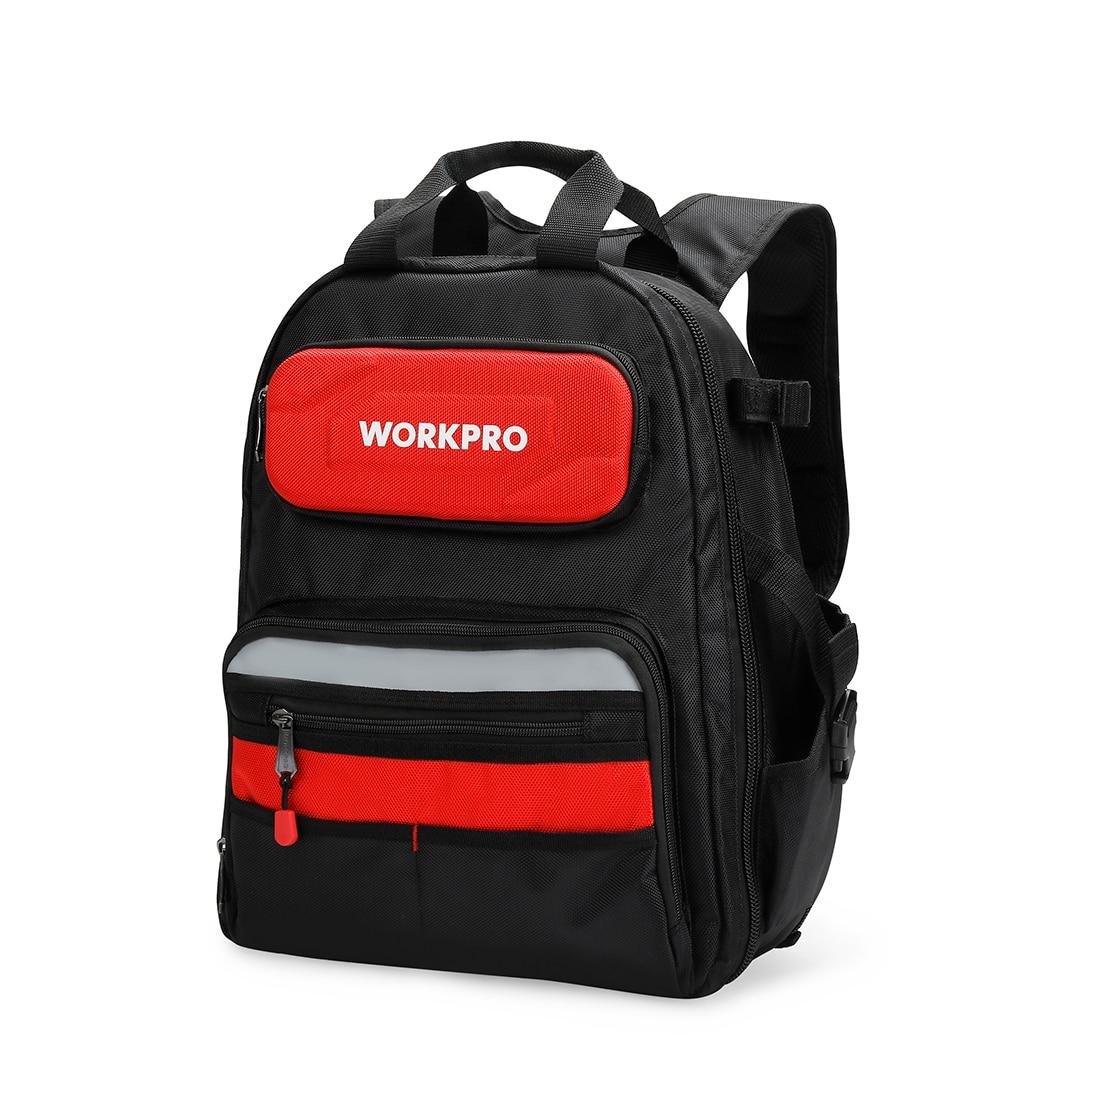 WORKPRO New Backpack Tradesman Organizer Bag Multifunction Knapsack Toolbag Waterproof Tool Bags